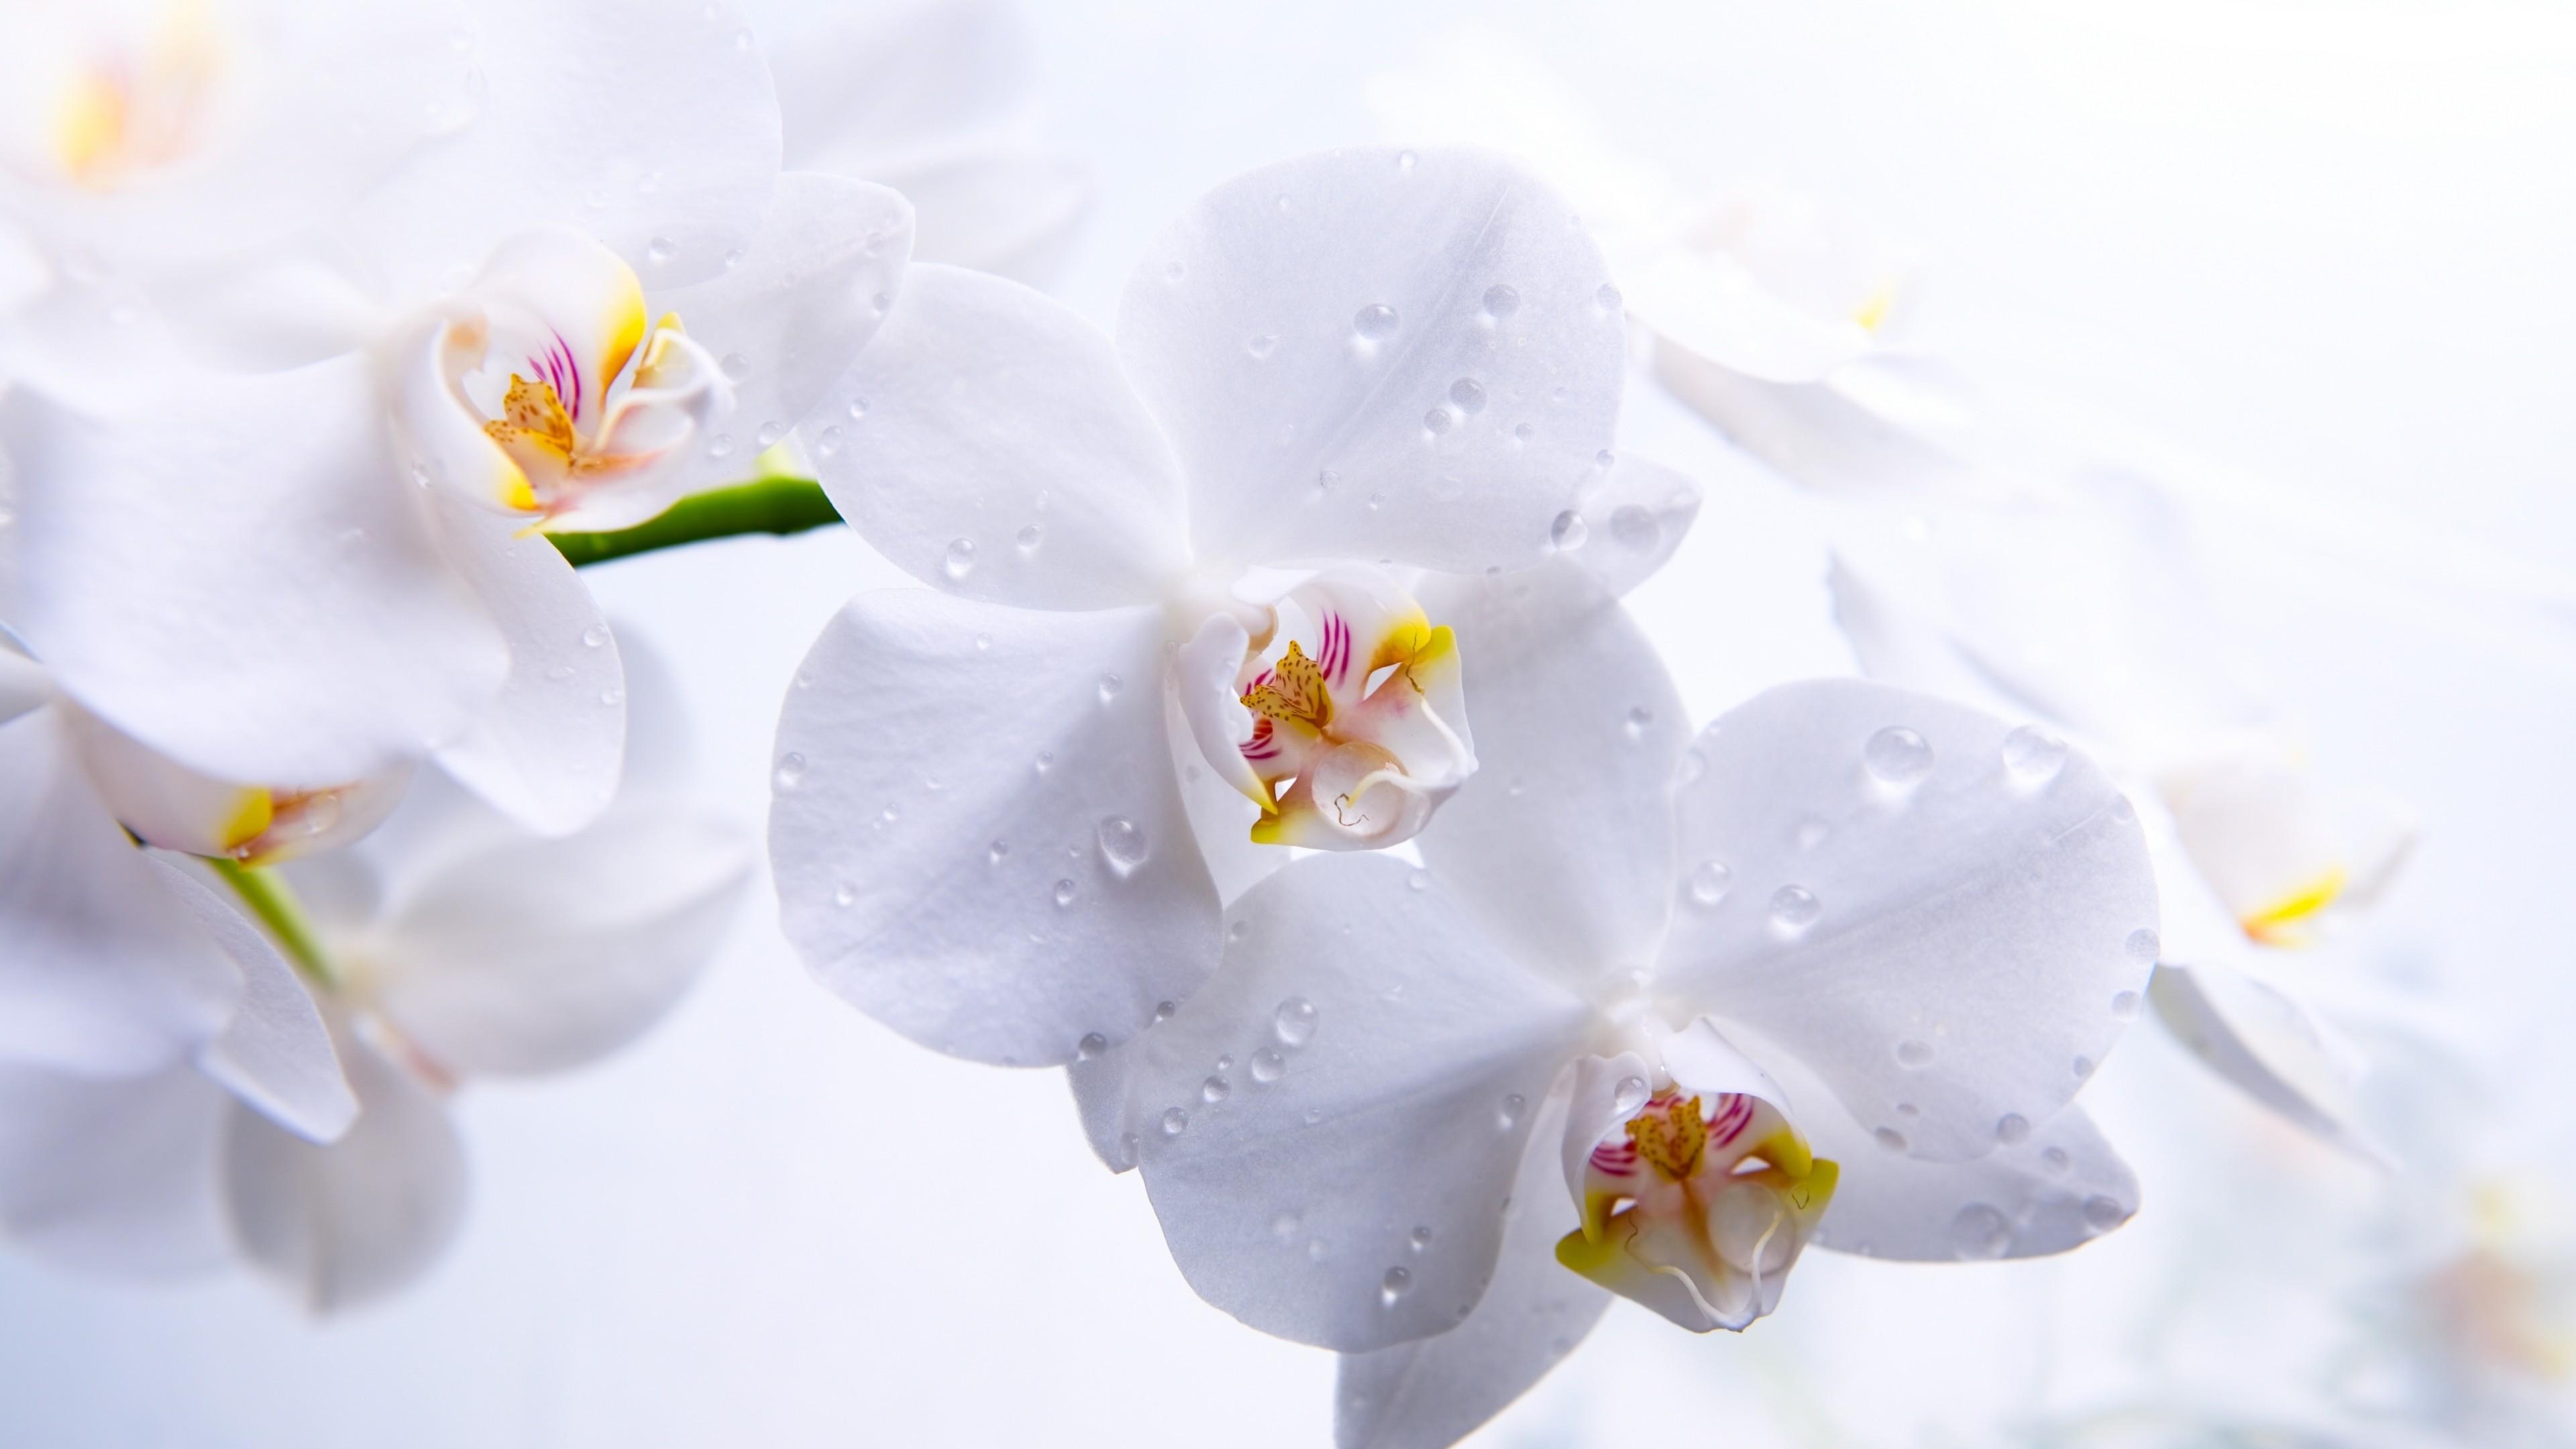 Wallpaper Orchid 5k 4k wallpaper flowers macro white